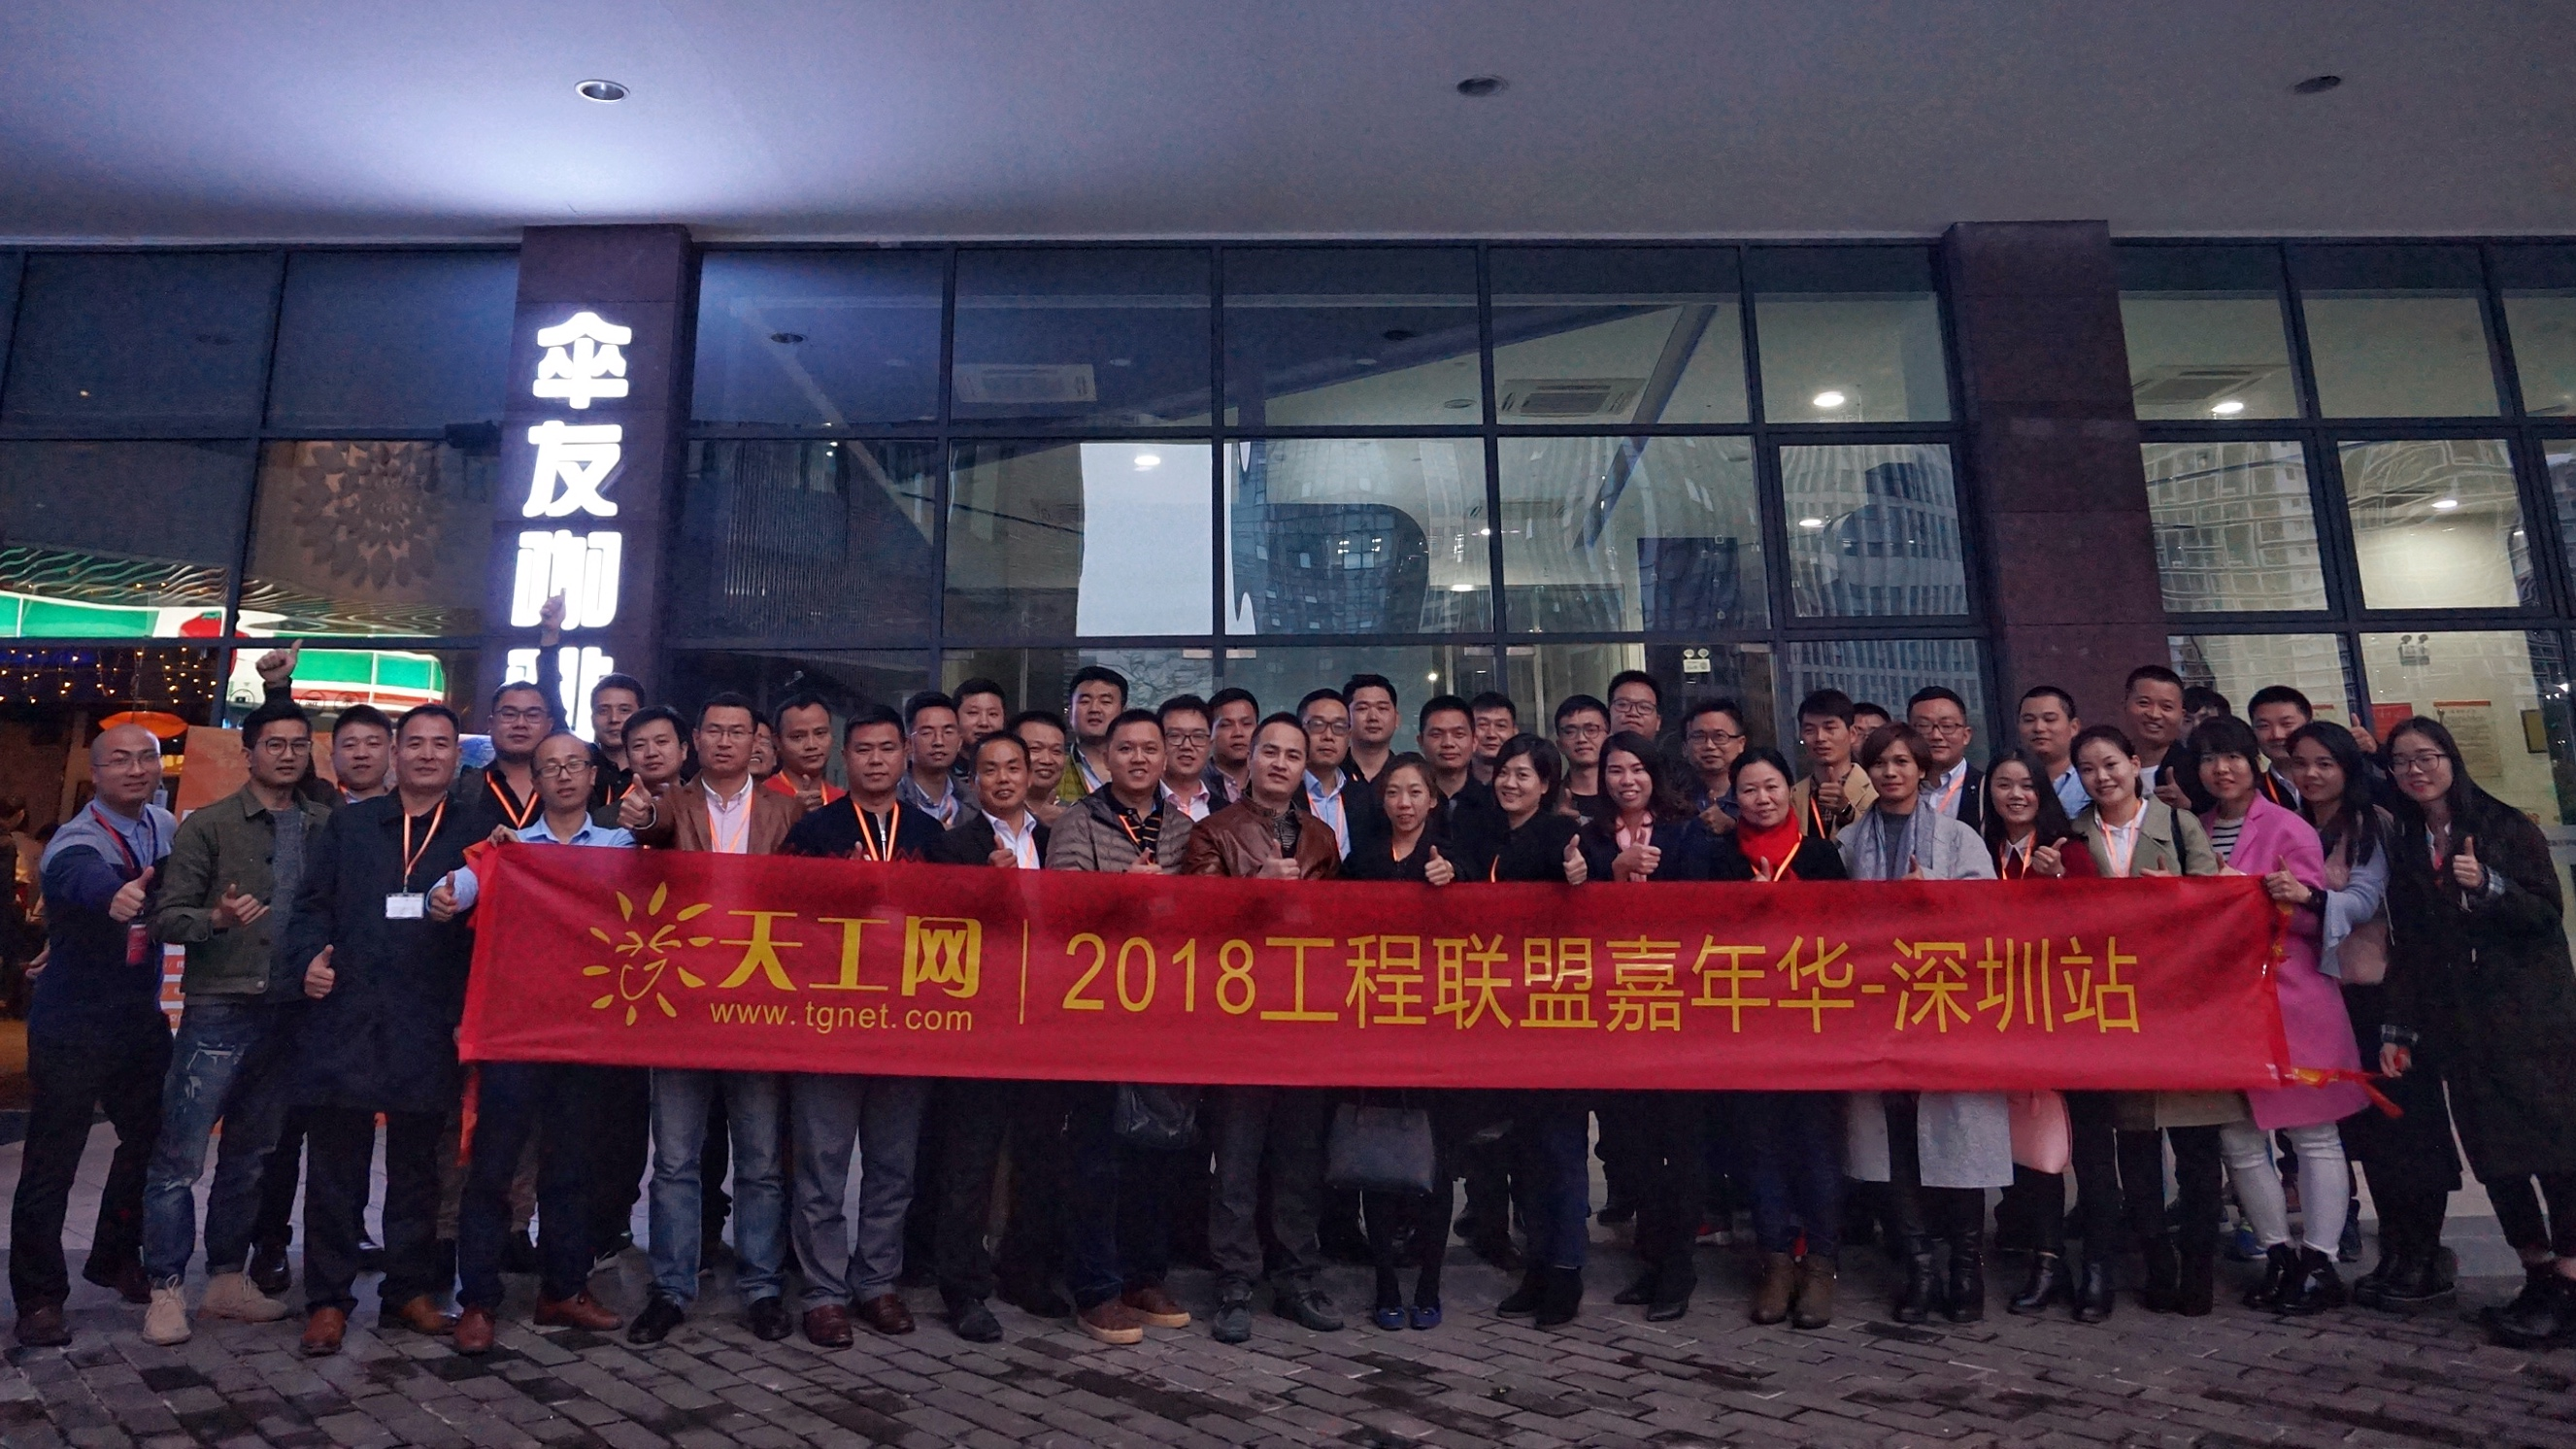 2018天工网工程联盟嘉年华――深圳站